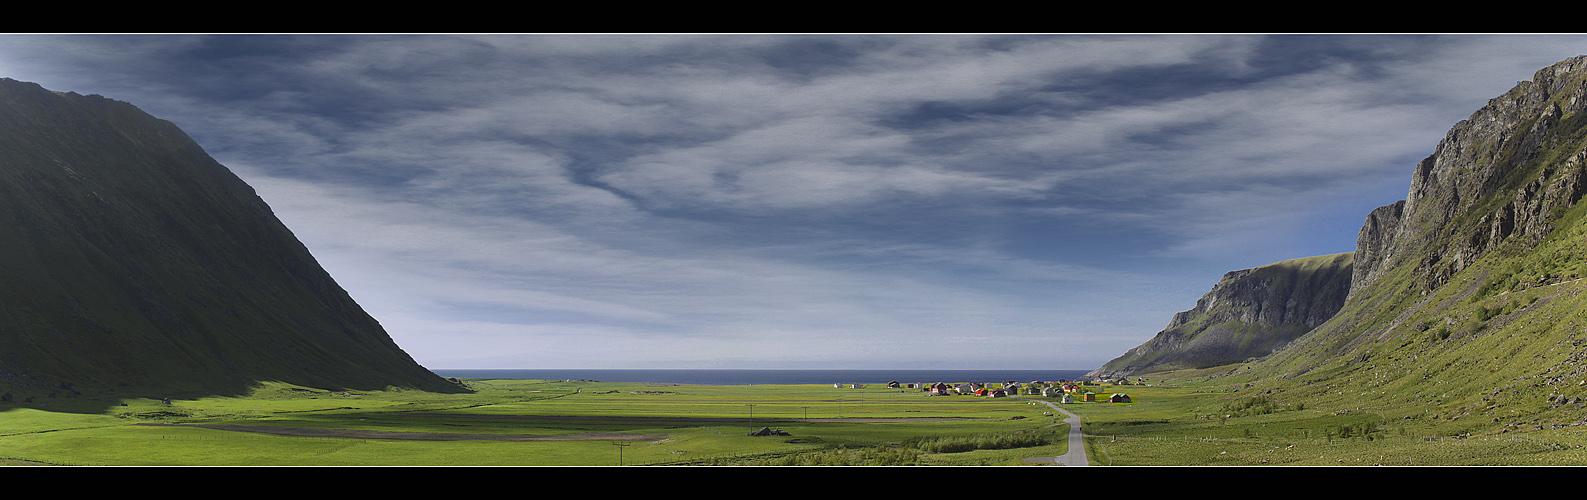 Unstad - Das Dorf am Meer